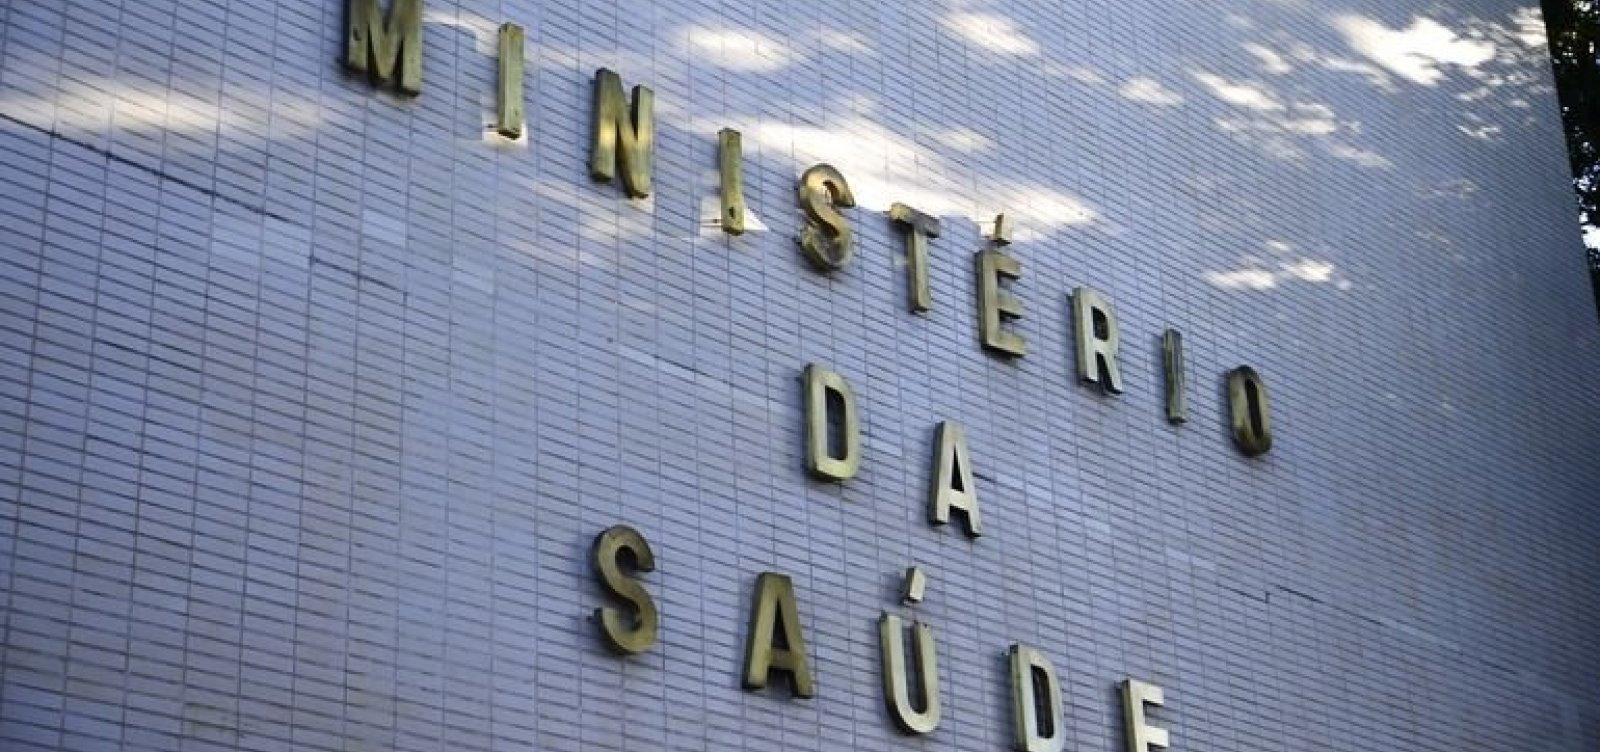 PF investiga fraudes em contrato de R$20 milhões na sede do Ministério da Saúde no Rio